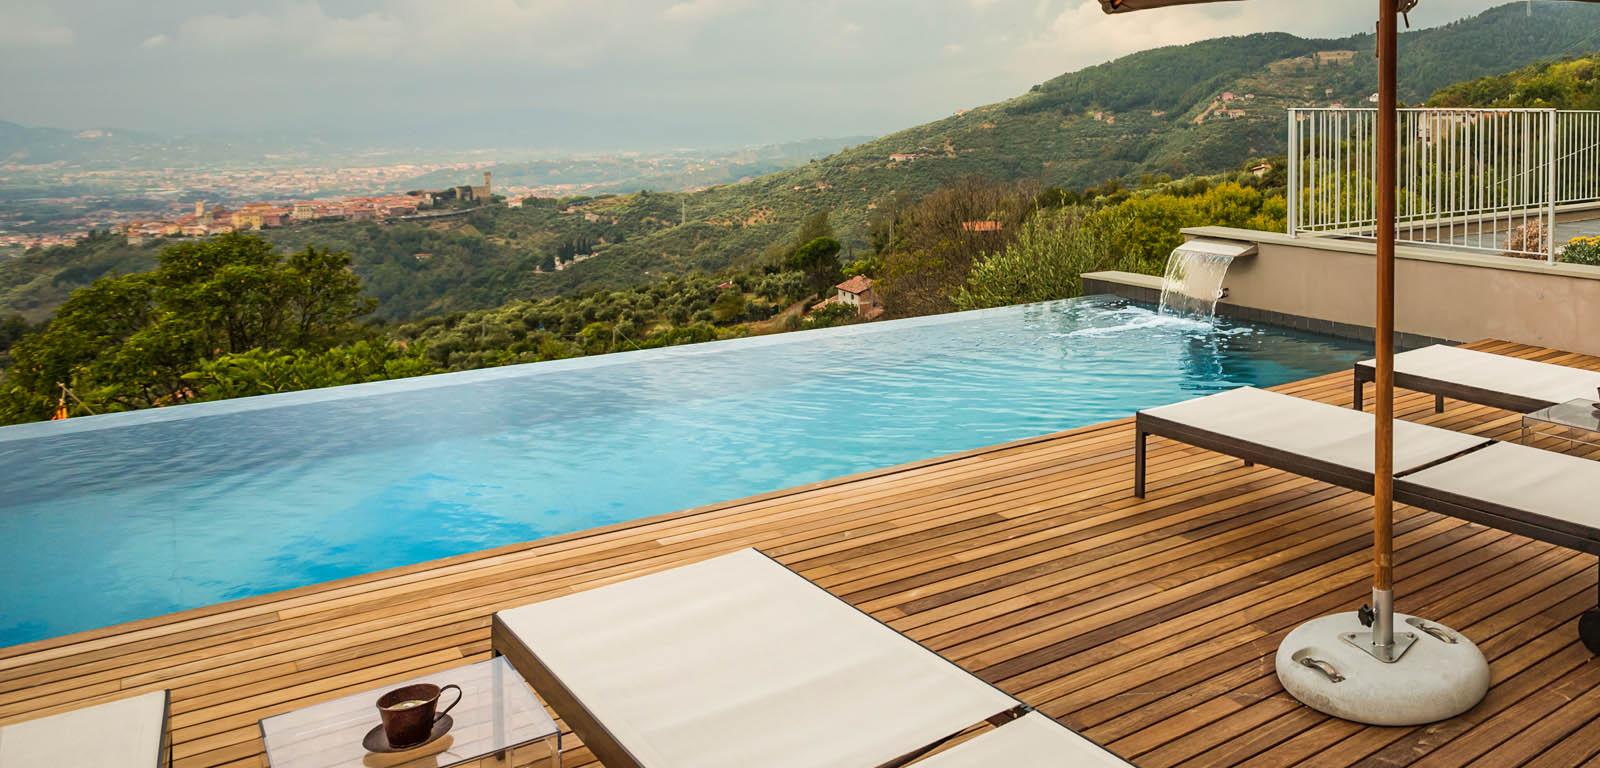 Piscine su terrazzo piscine castiglione - Piscina terrazzo ...